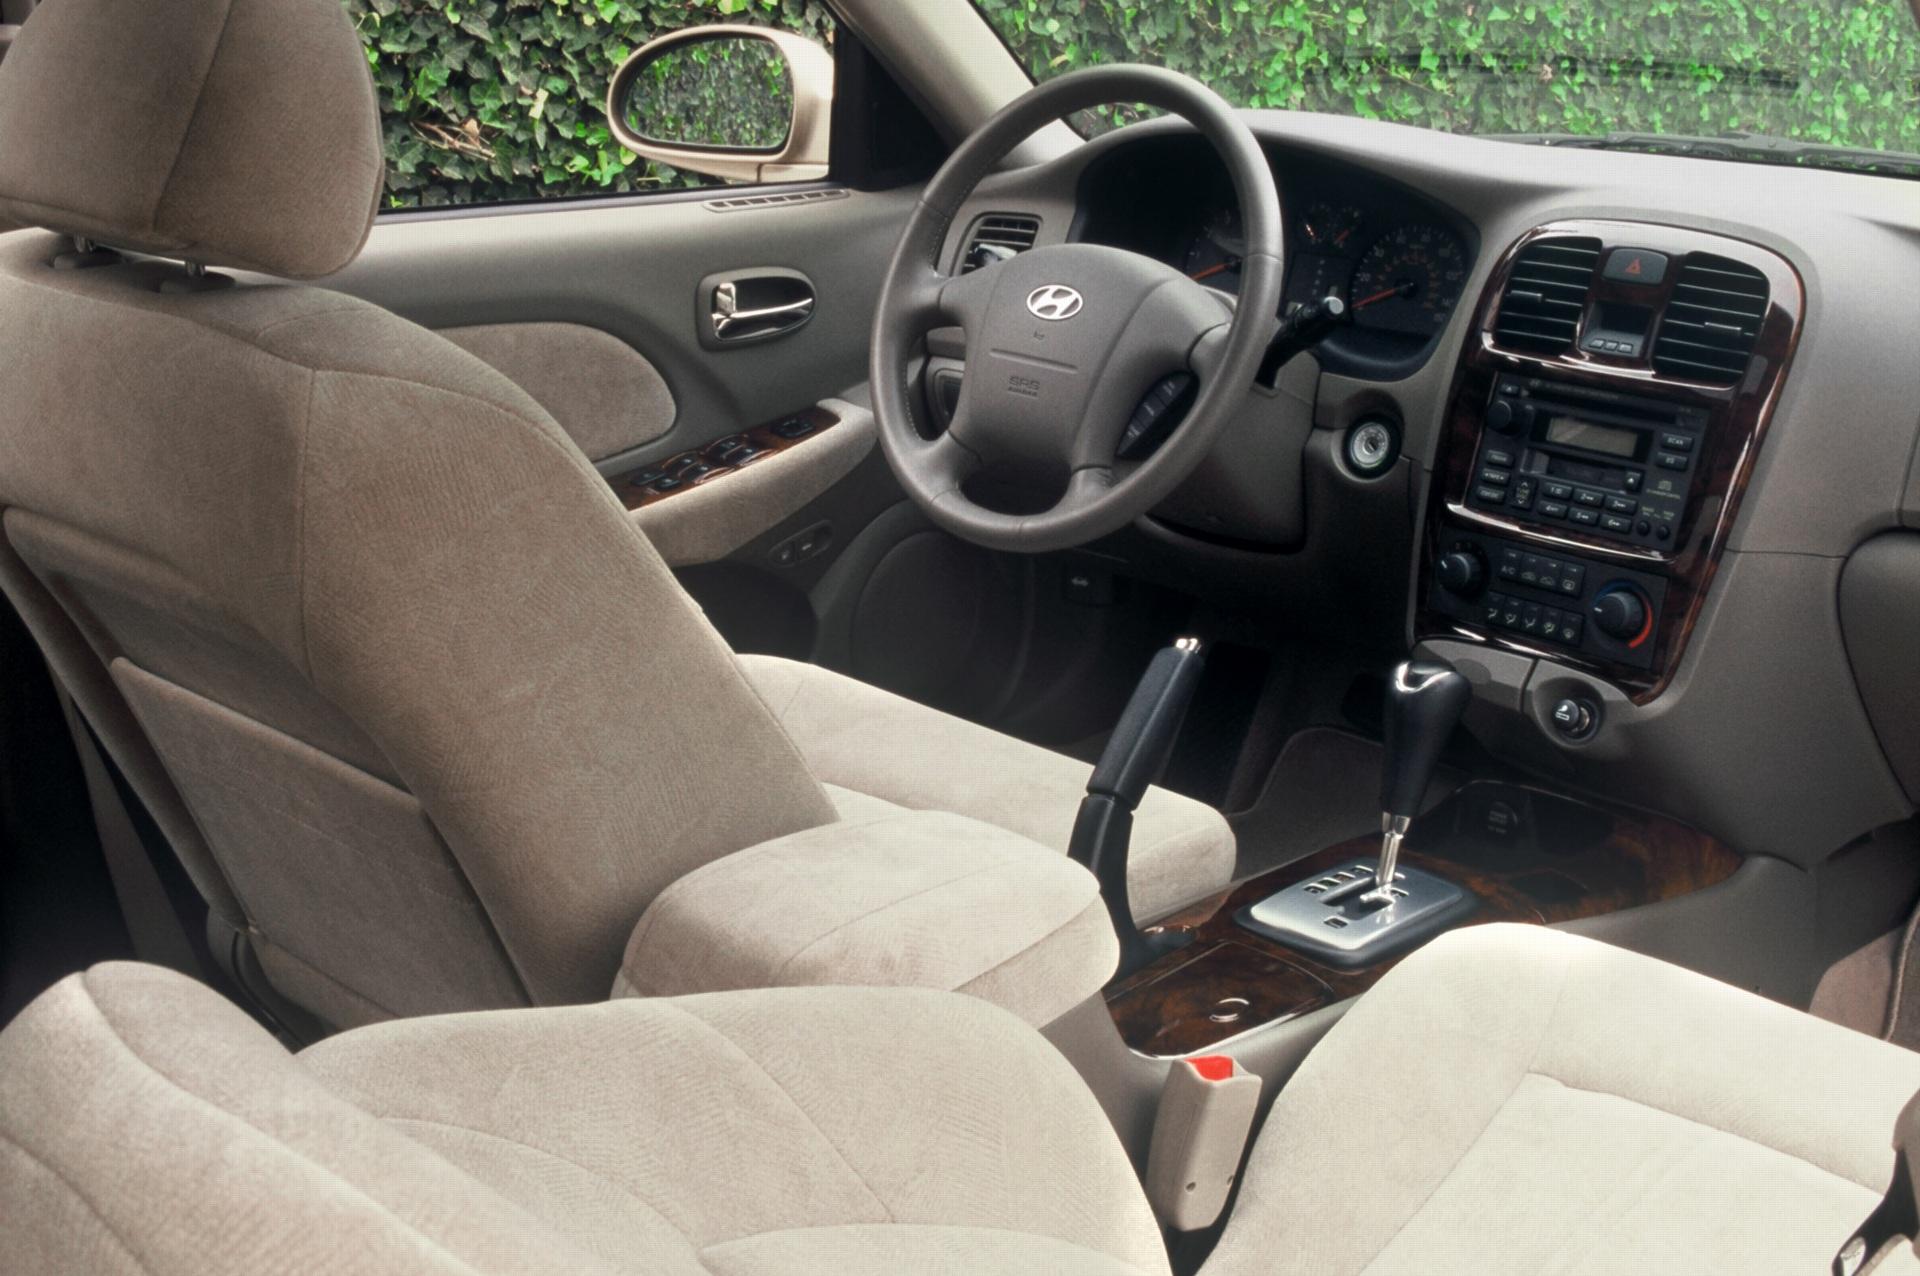 2005 Hyundai Sonata Image 13